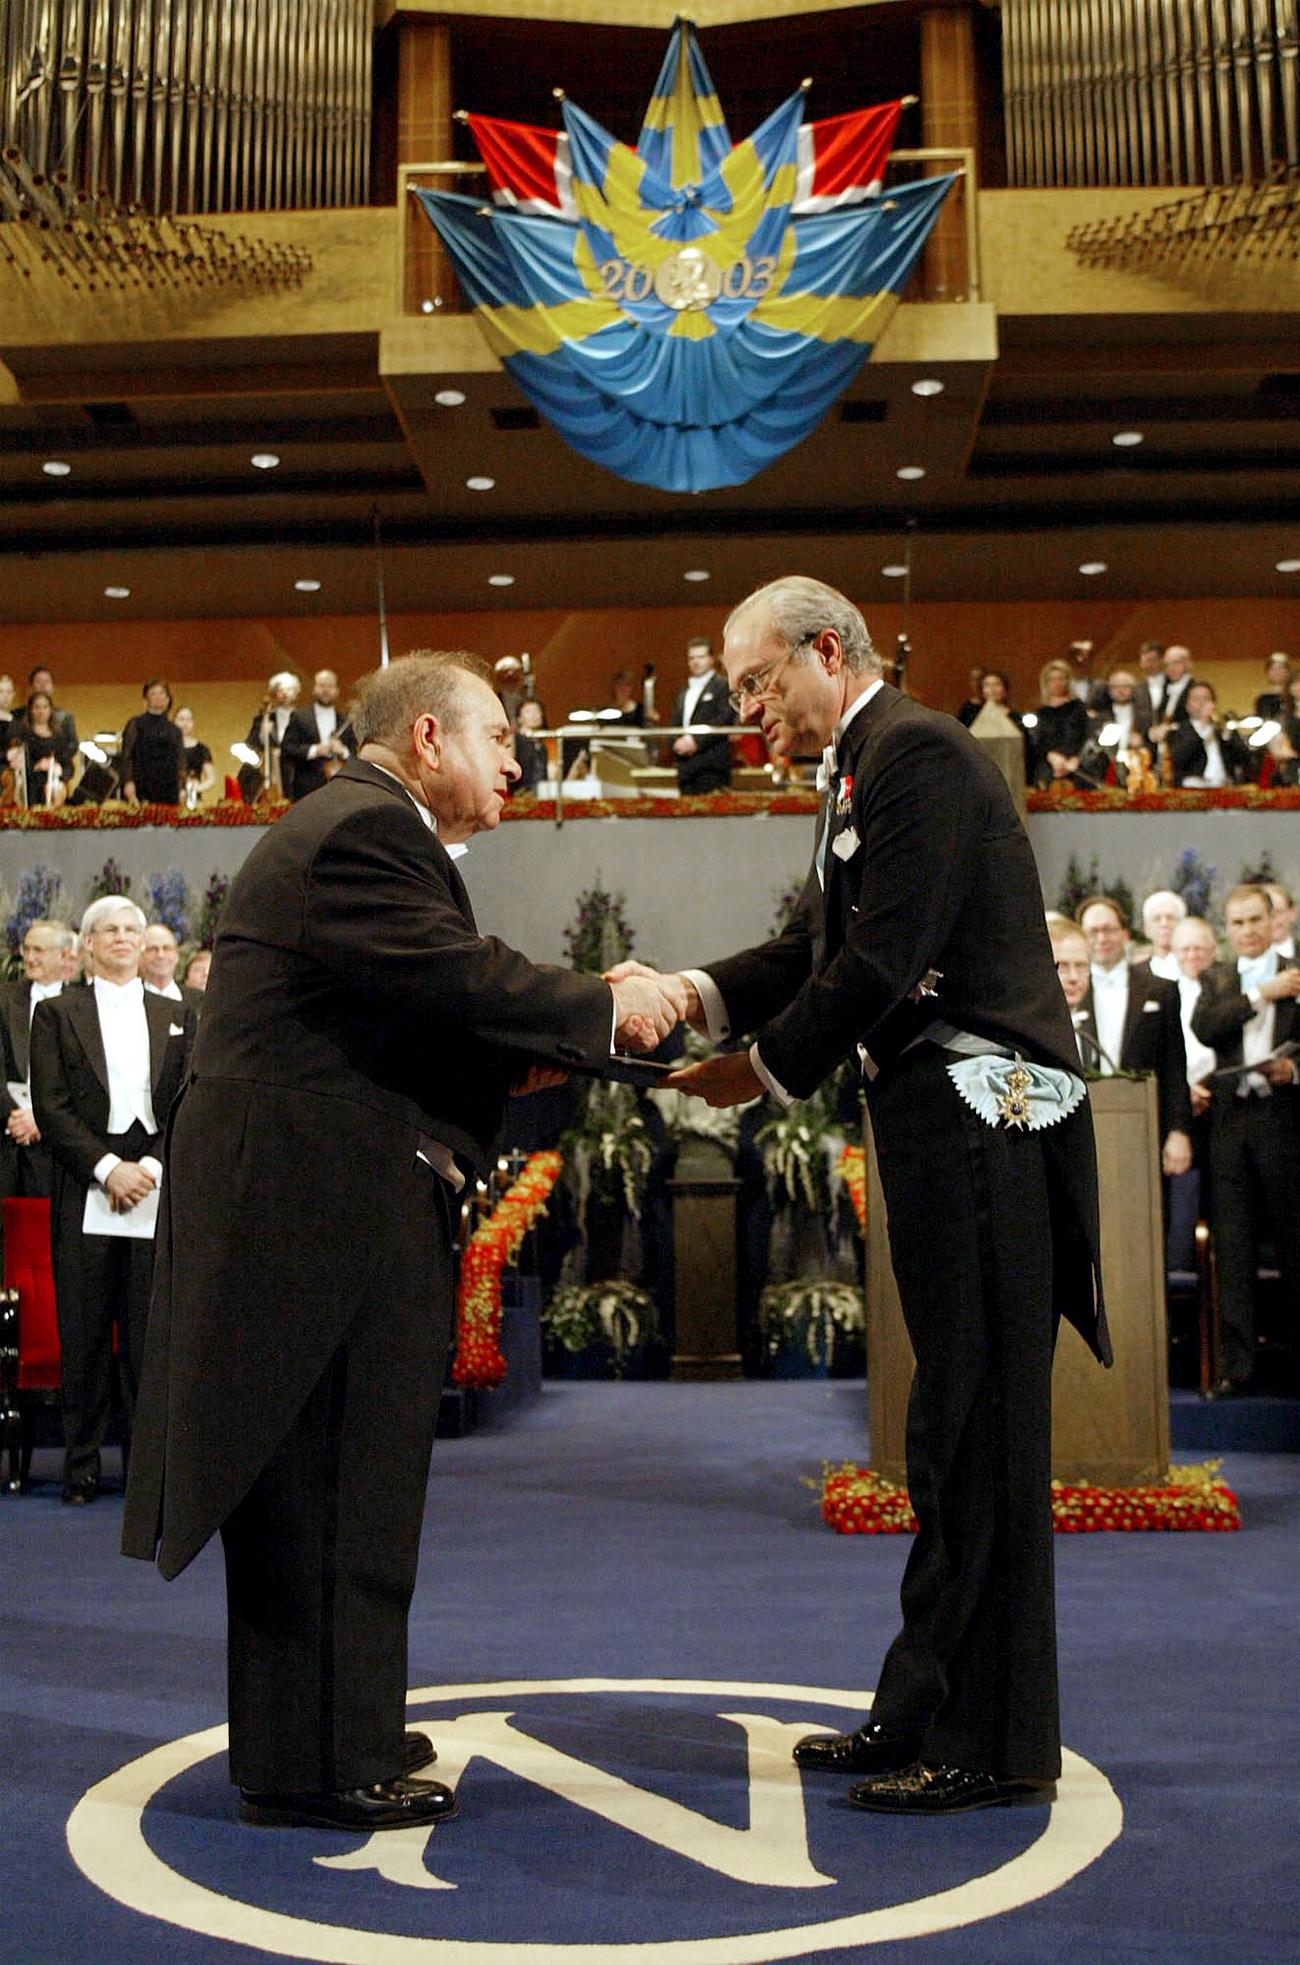 Aleksej Abrikosov (levo) sprejema Nobelovo nagrado od švedskega kralja Carla Gustafa (desno) na uradni slovesnosti v Koncertni dvorani v Stockholmu, 10. 12. 2003. / Vir: AP